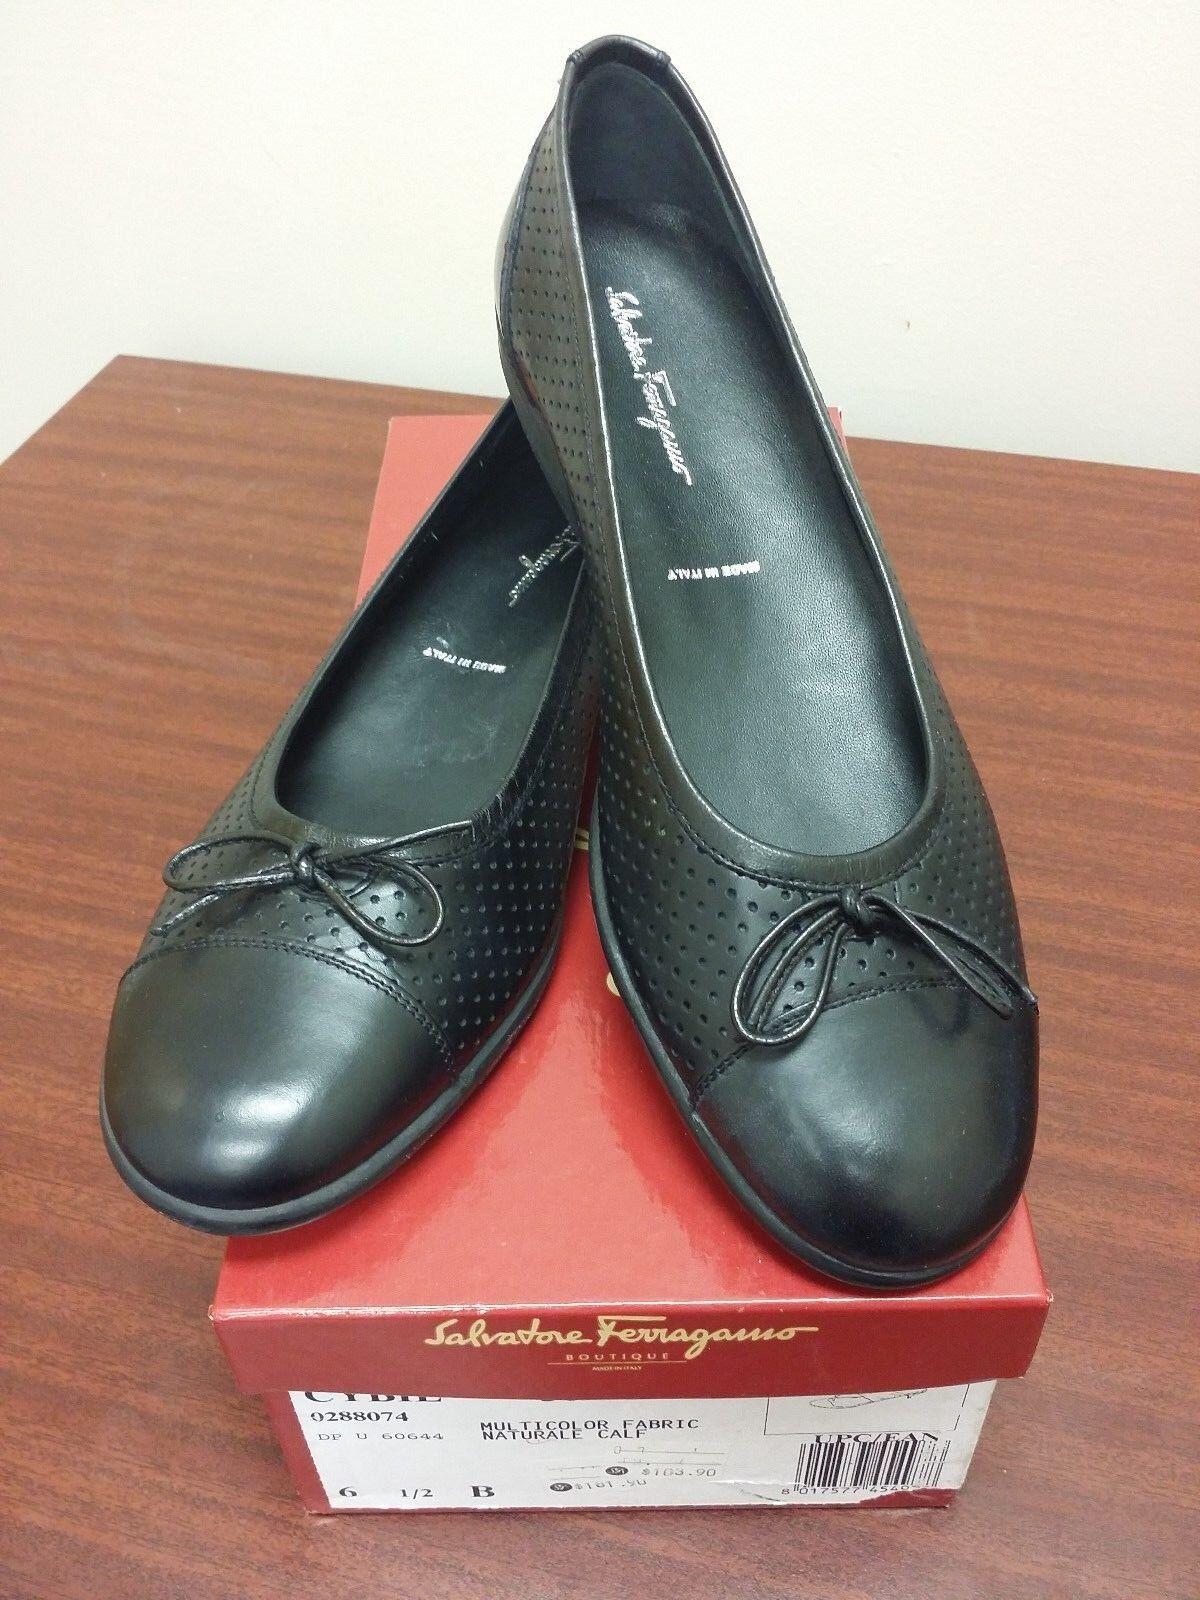 Nuevo En Caja Nuevos Cómodos Negro Cuero Salvatore Ferragamo captoe arco Flats zapatos 6 M